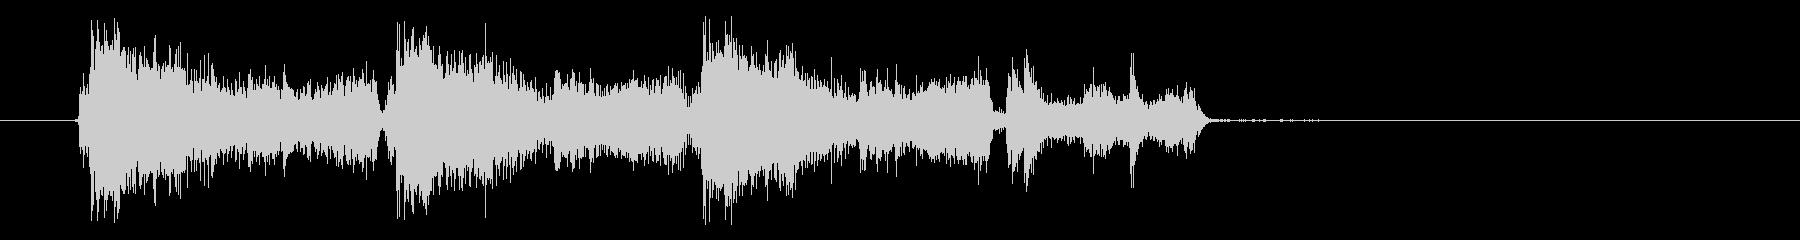 ガシャブミョン(弾みのある機械音)の未再生の波形